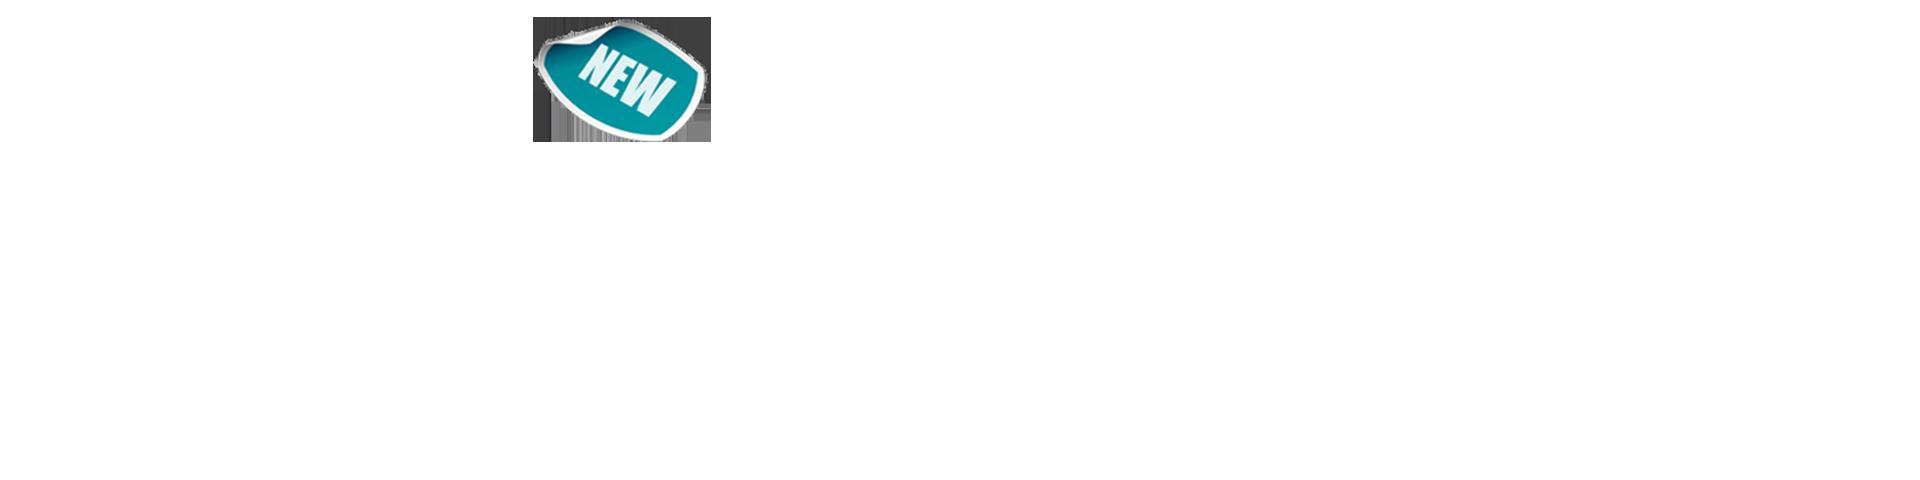 wpg-85-suedamerikanischekirsche-4.png